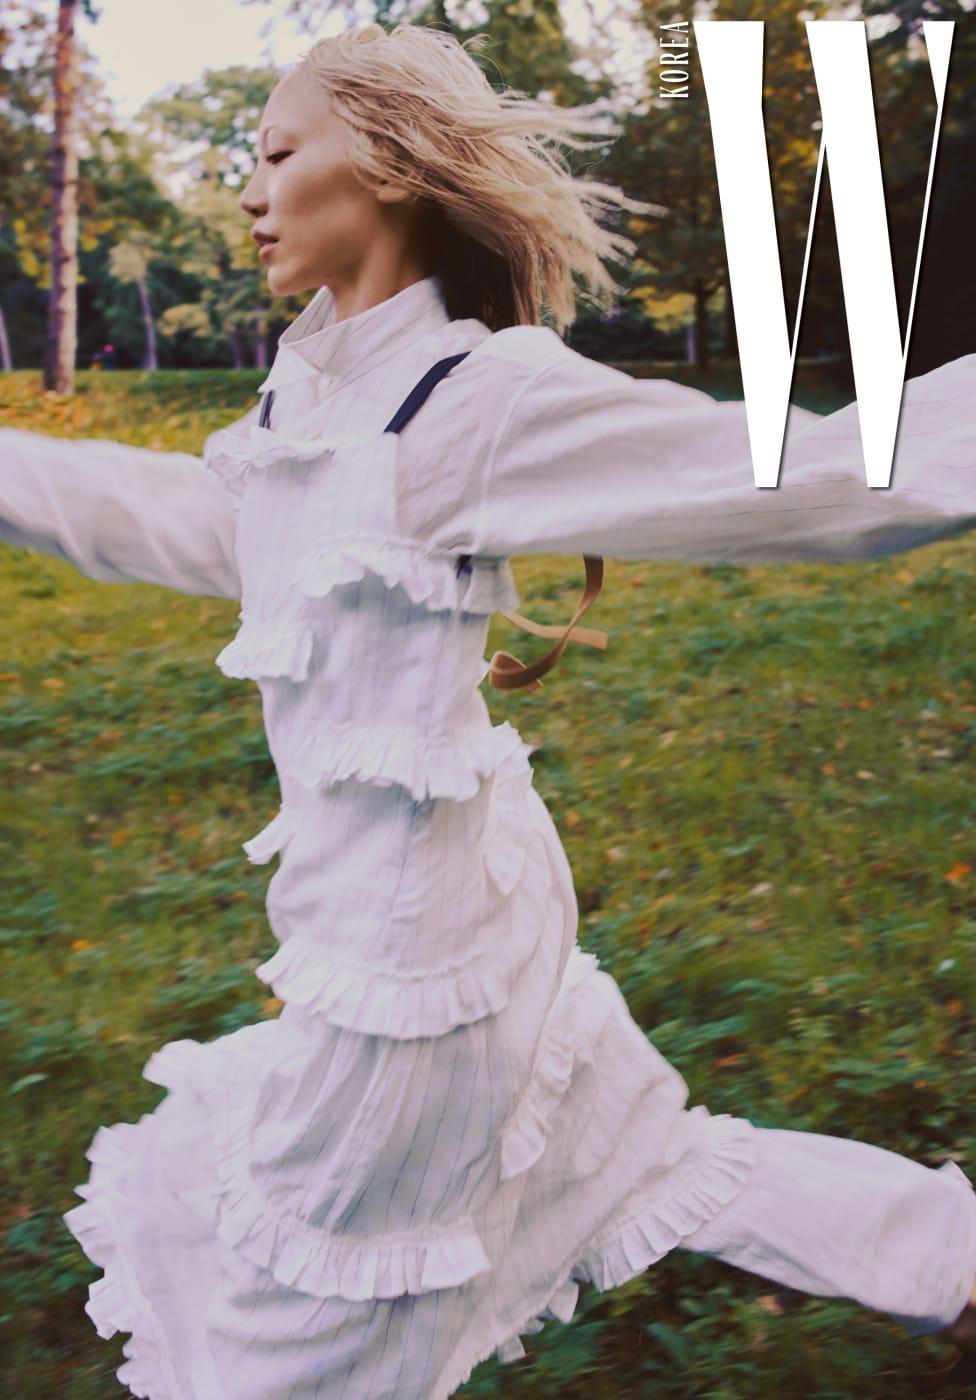 스트랩이 가죽으로 된 러플 장식 드레스와 순백의 셔츠, 팬츠는 모두 Loewe 제품.